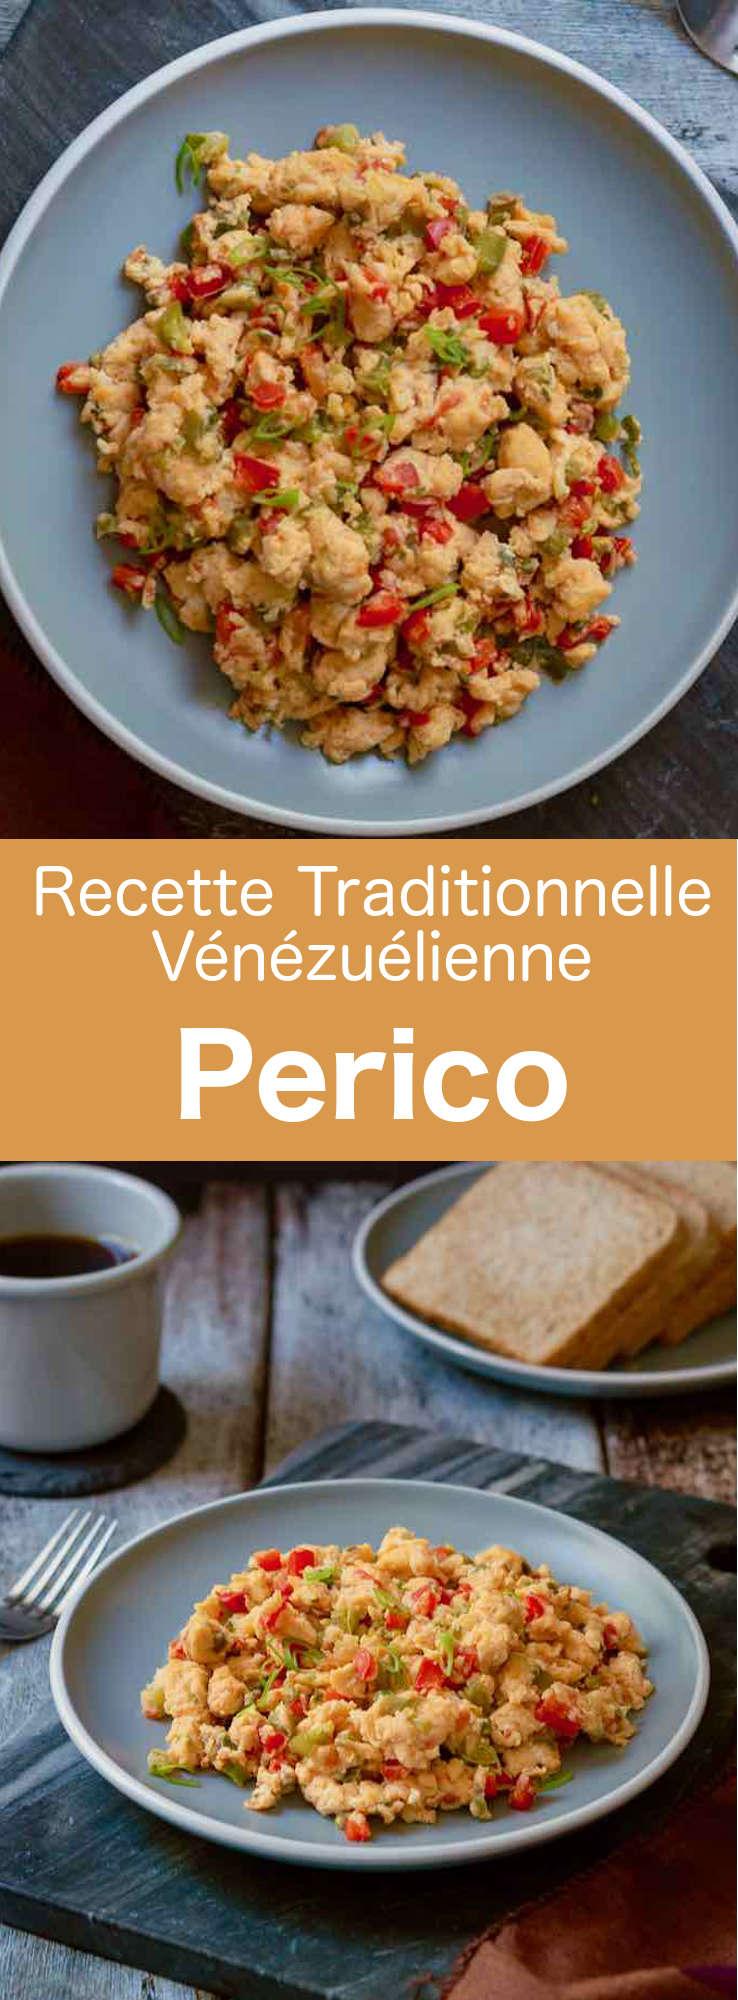 Le perico est un oeuf brouillé qui est traditionnellement servi au petit déjeuner avec des arepas et qui est populaire au Venezuela et en Colombie. #Venezuela #Colombie #CuisineVenezuelienne #CuisineColombienne #AmeriqueLatine #CuisineLatine #CuisineDuMonde #196flavors